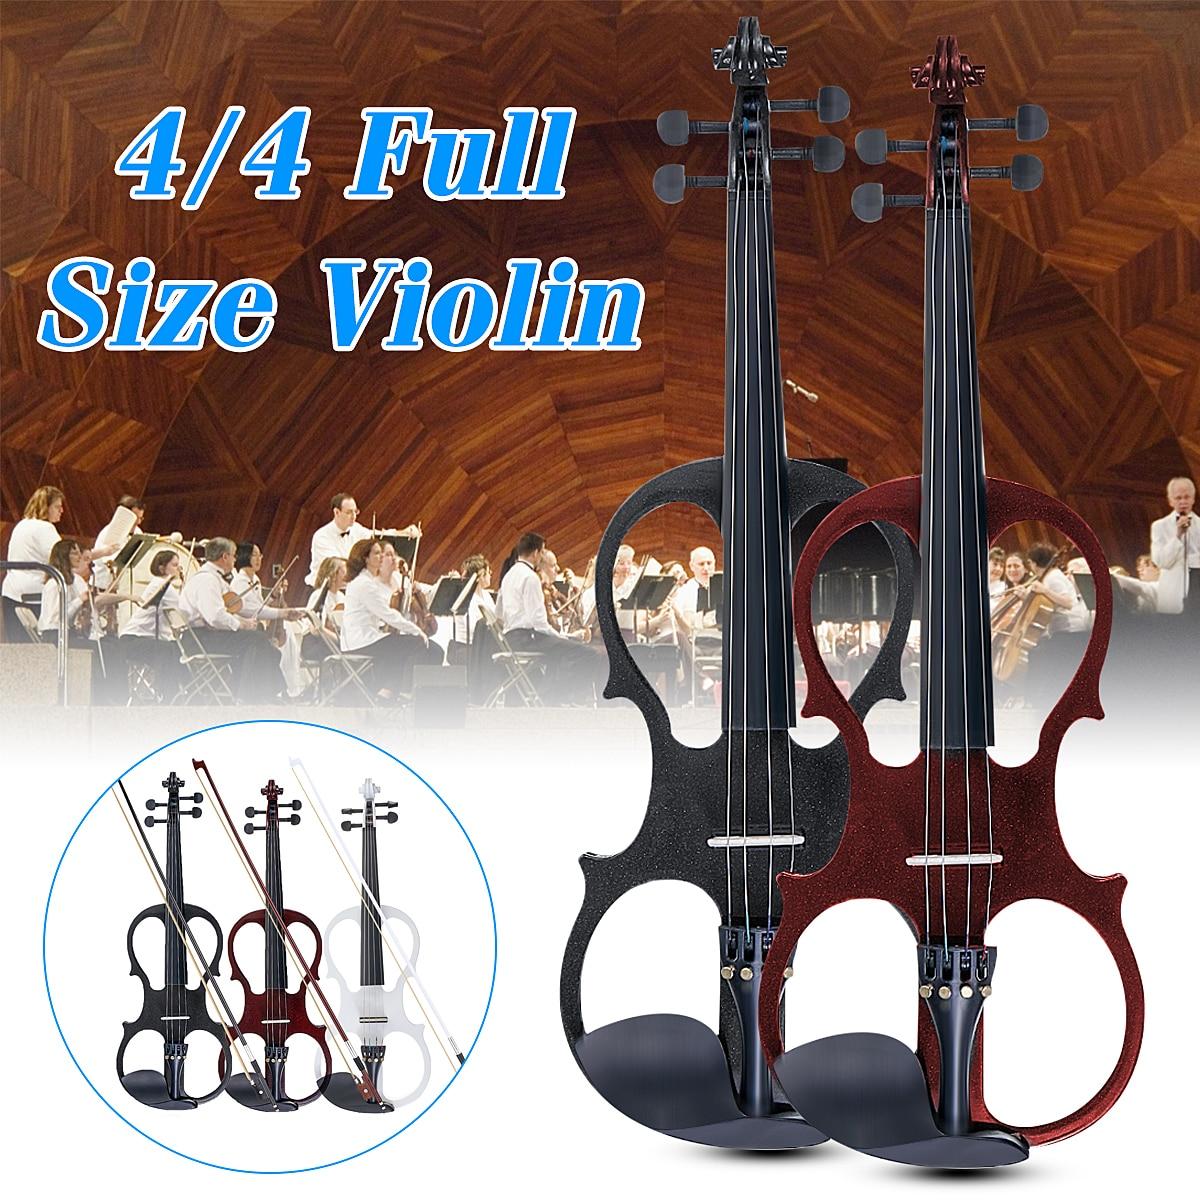 4/4 Elettrica Acustica Violino Tiglio Violino con Custodia Del Violino Della Copertura Bow Rosin per Strumento A Corde Musicale Amanti Principianti